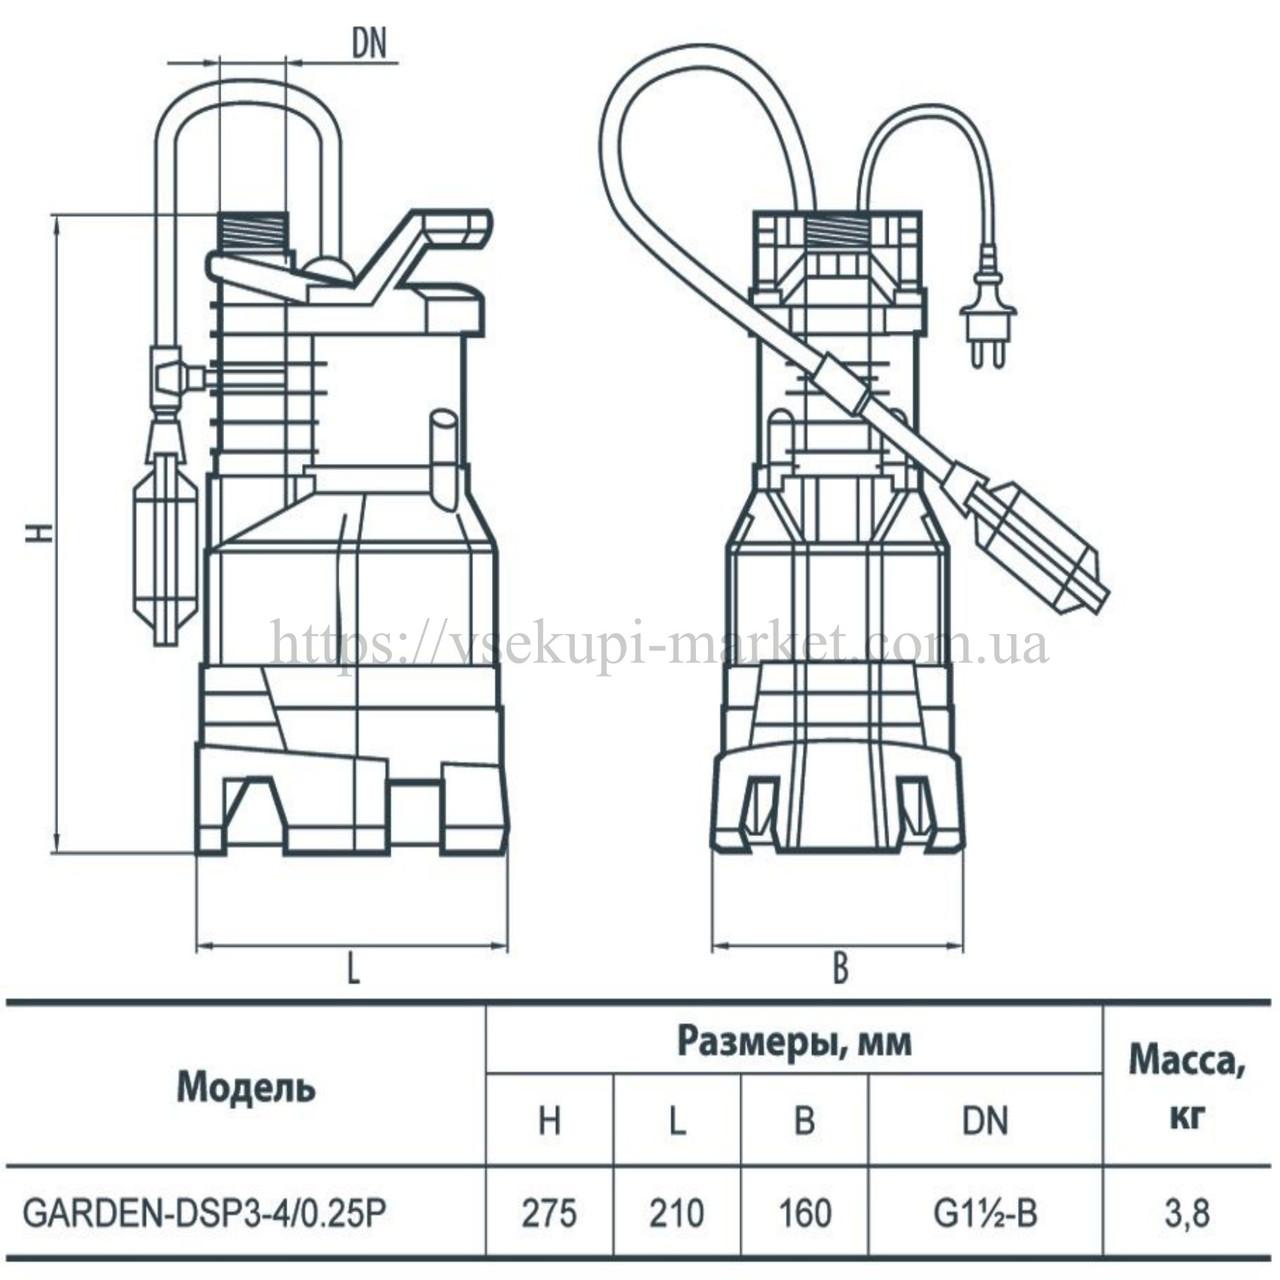 Универсальный дренажный насос для дачи: виды, рекомендации, популярные модели